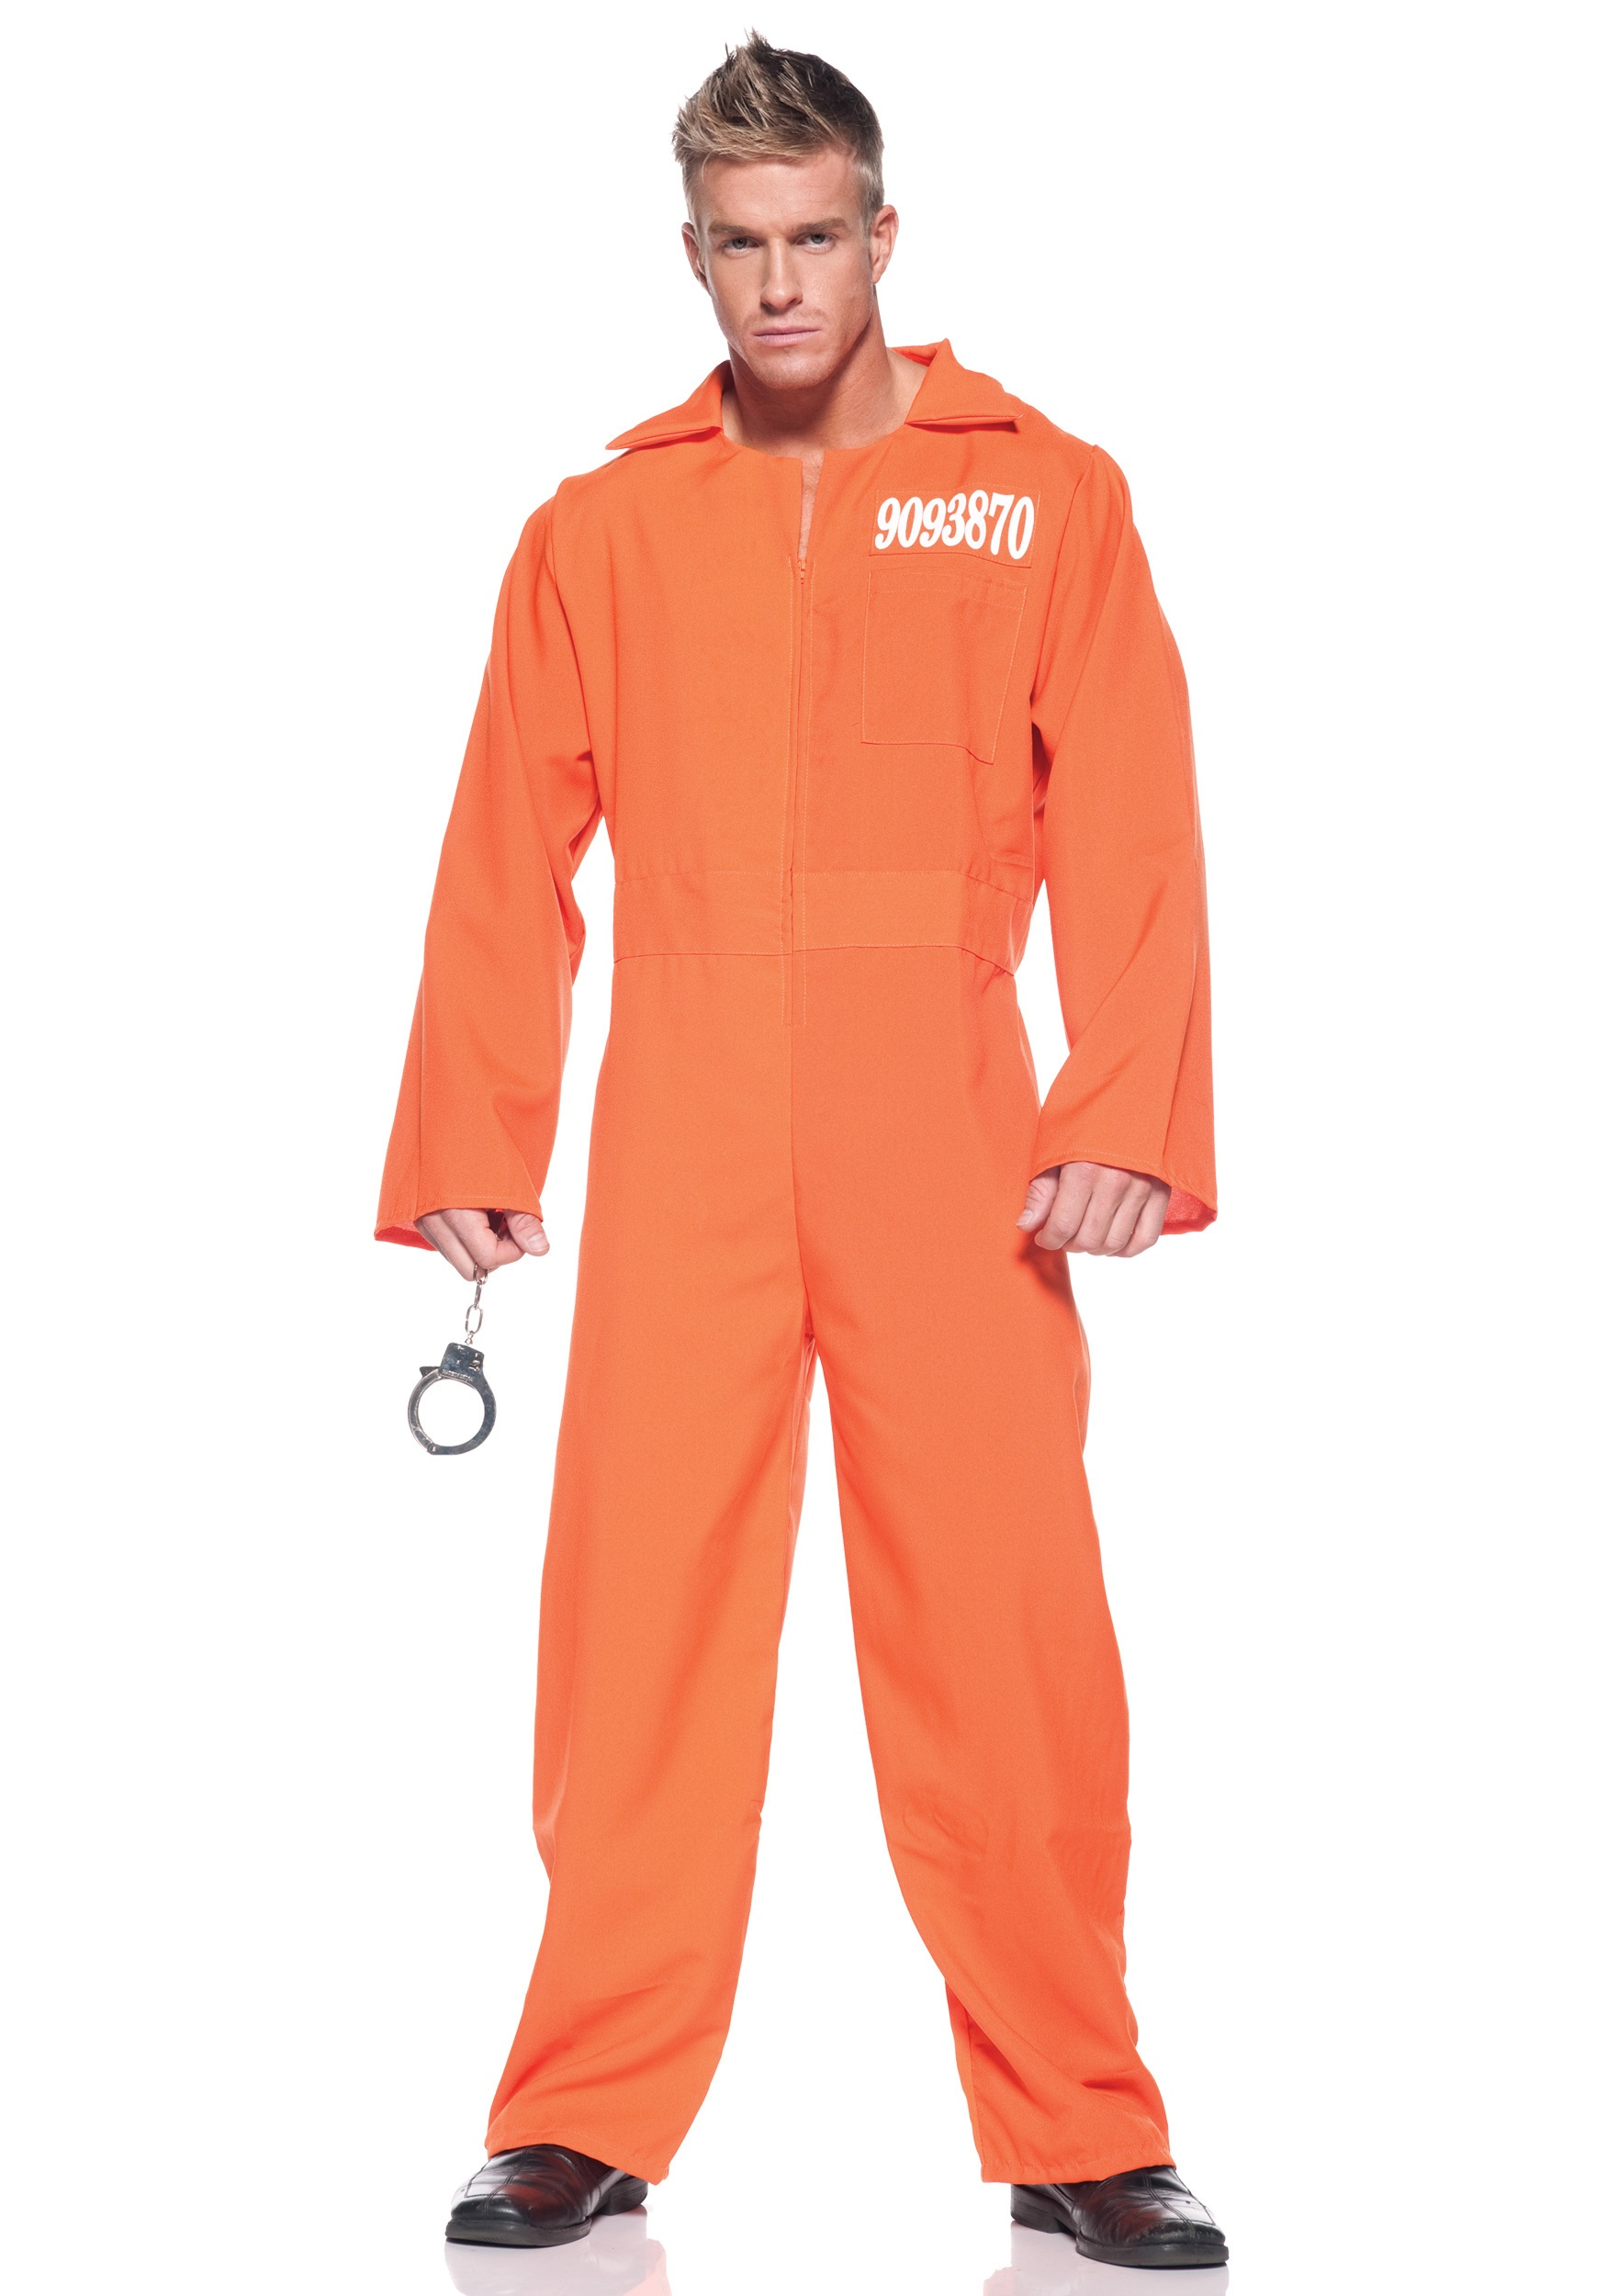 Prison jumpsuit costume for men mens prison jumpsuit costume solutioingenieria Choice Image